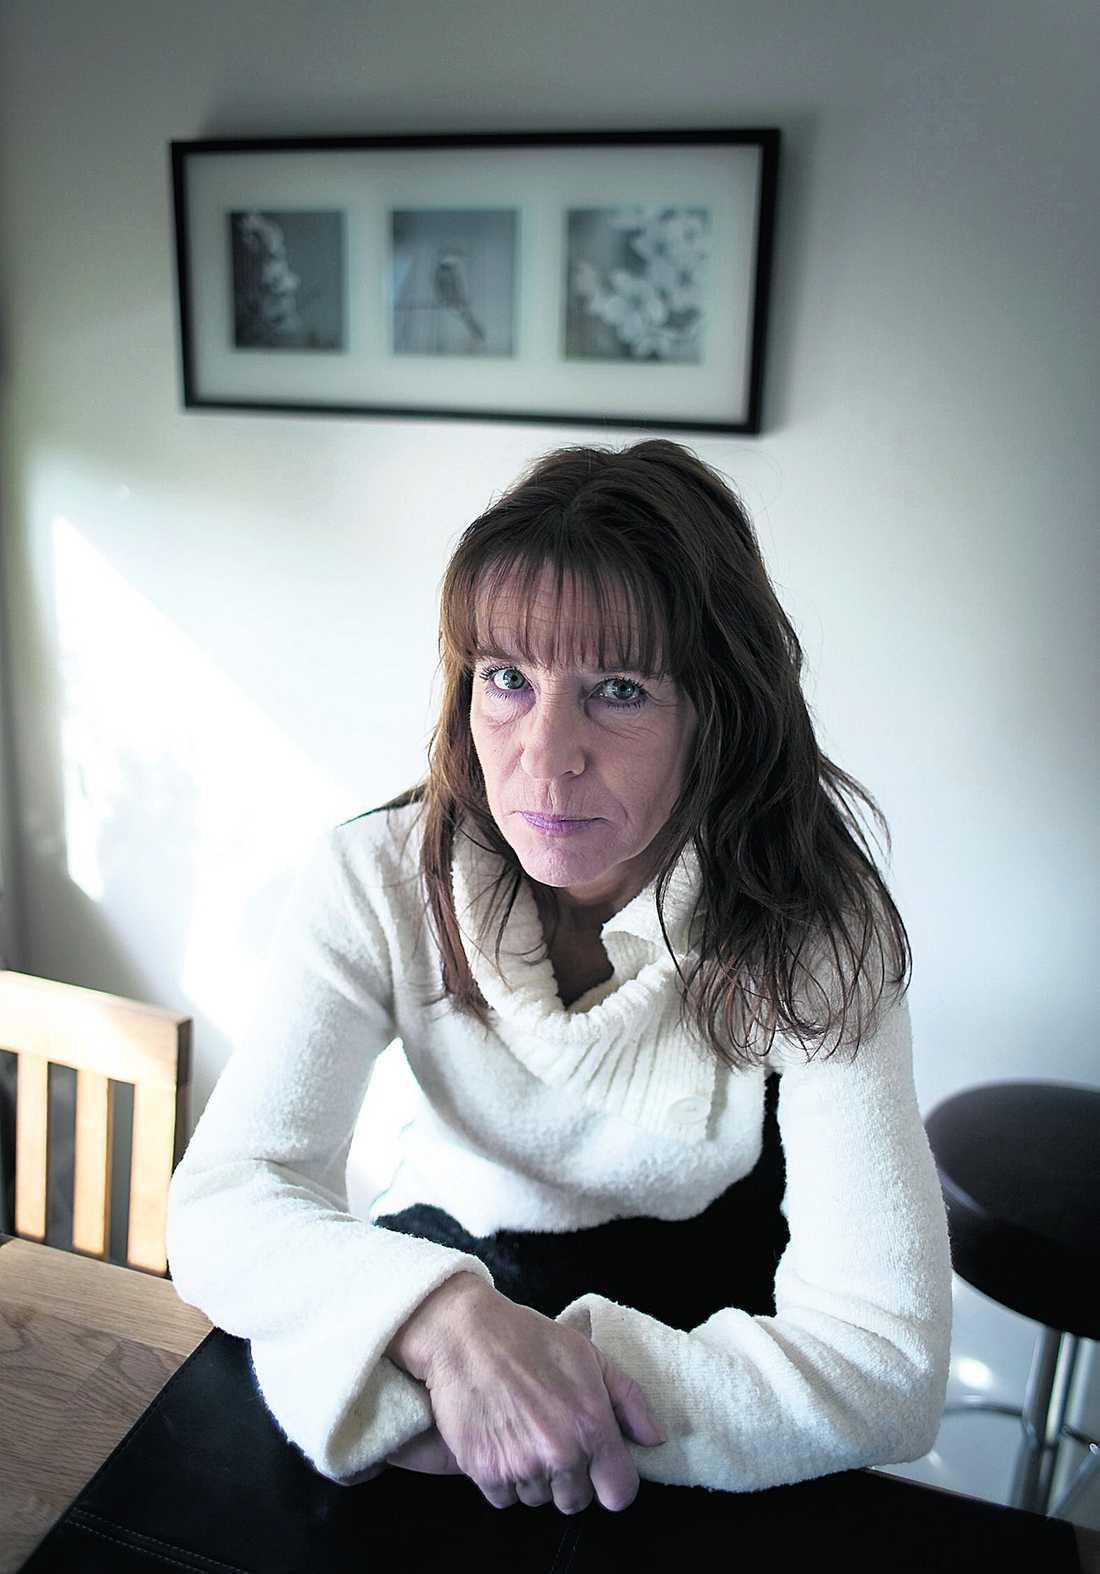 Lise Lott Dinov lider av cancer och reumatism. Men Försäkringskassan menar att hon kan arbeta trots att hon har sjukintyg som säger motsatsen.